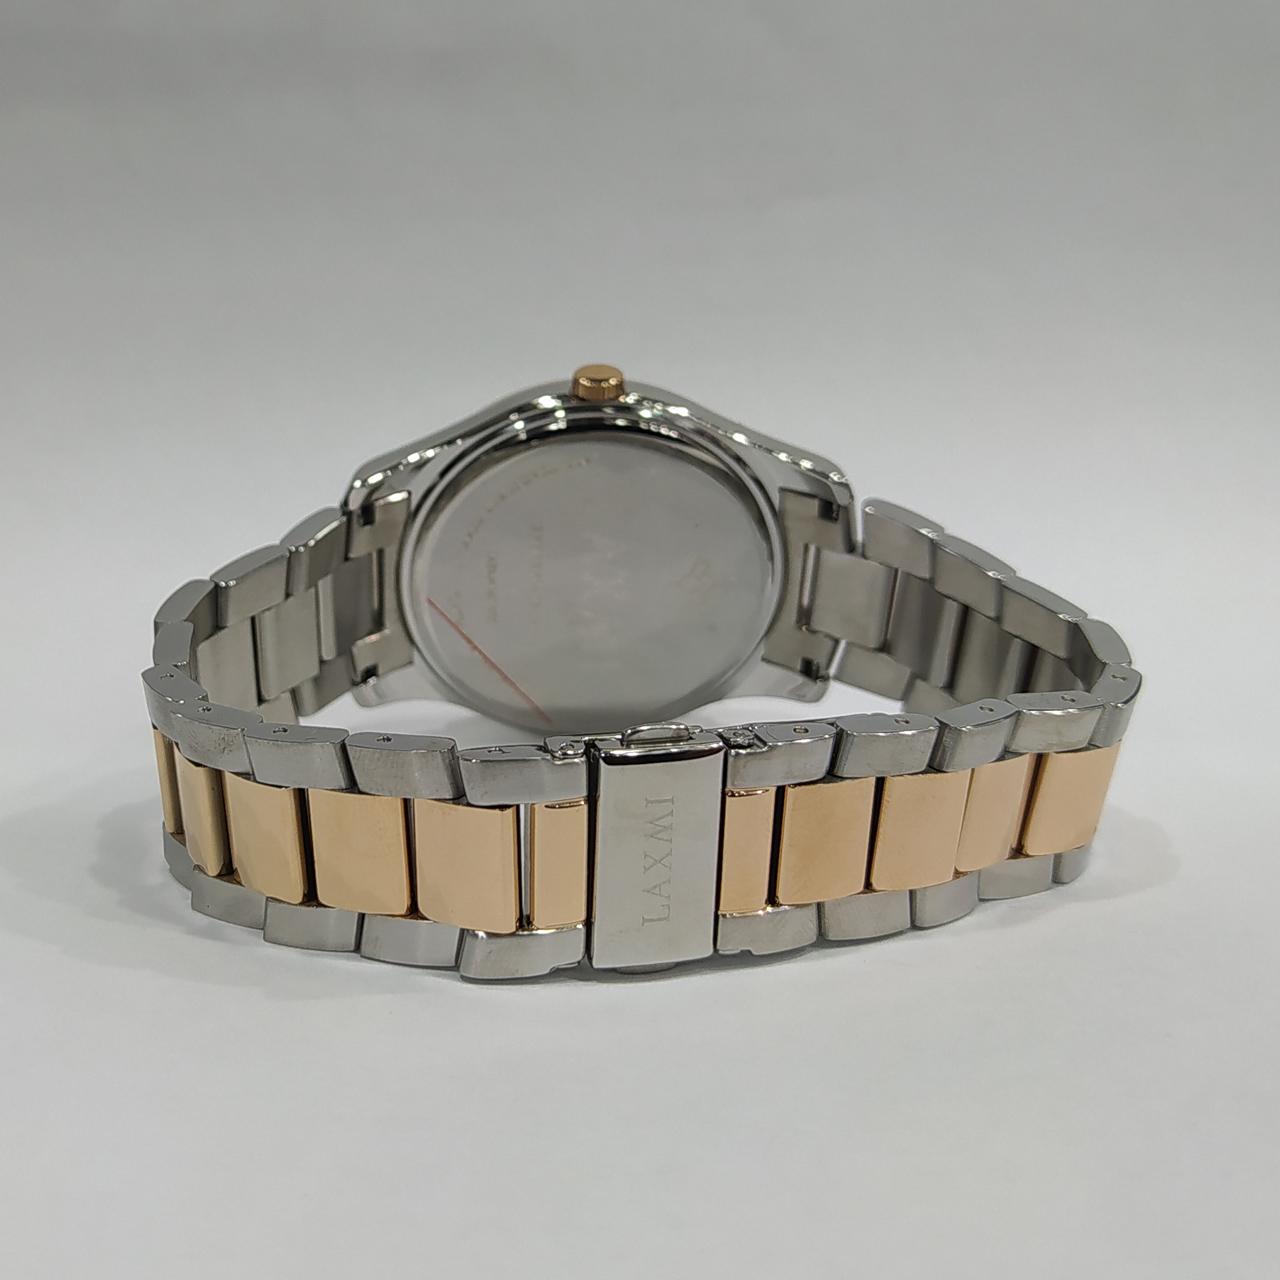 ست ساعت مچی عقربه ای زنانه و مردانه لاکسمی مدل 4-8094-8095